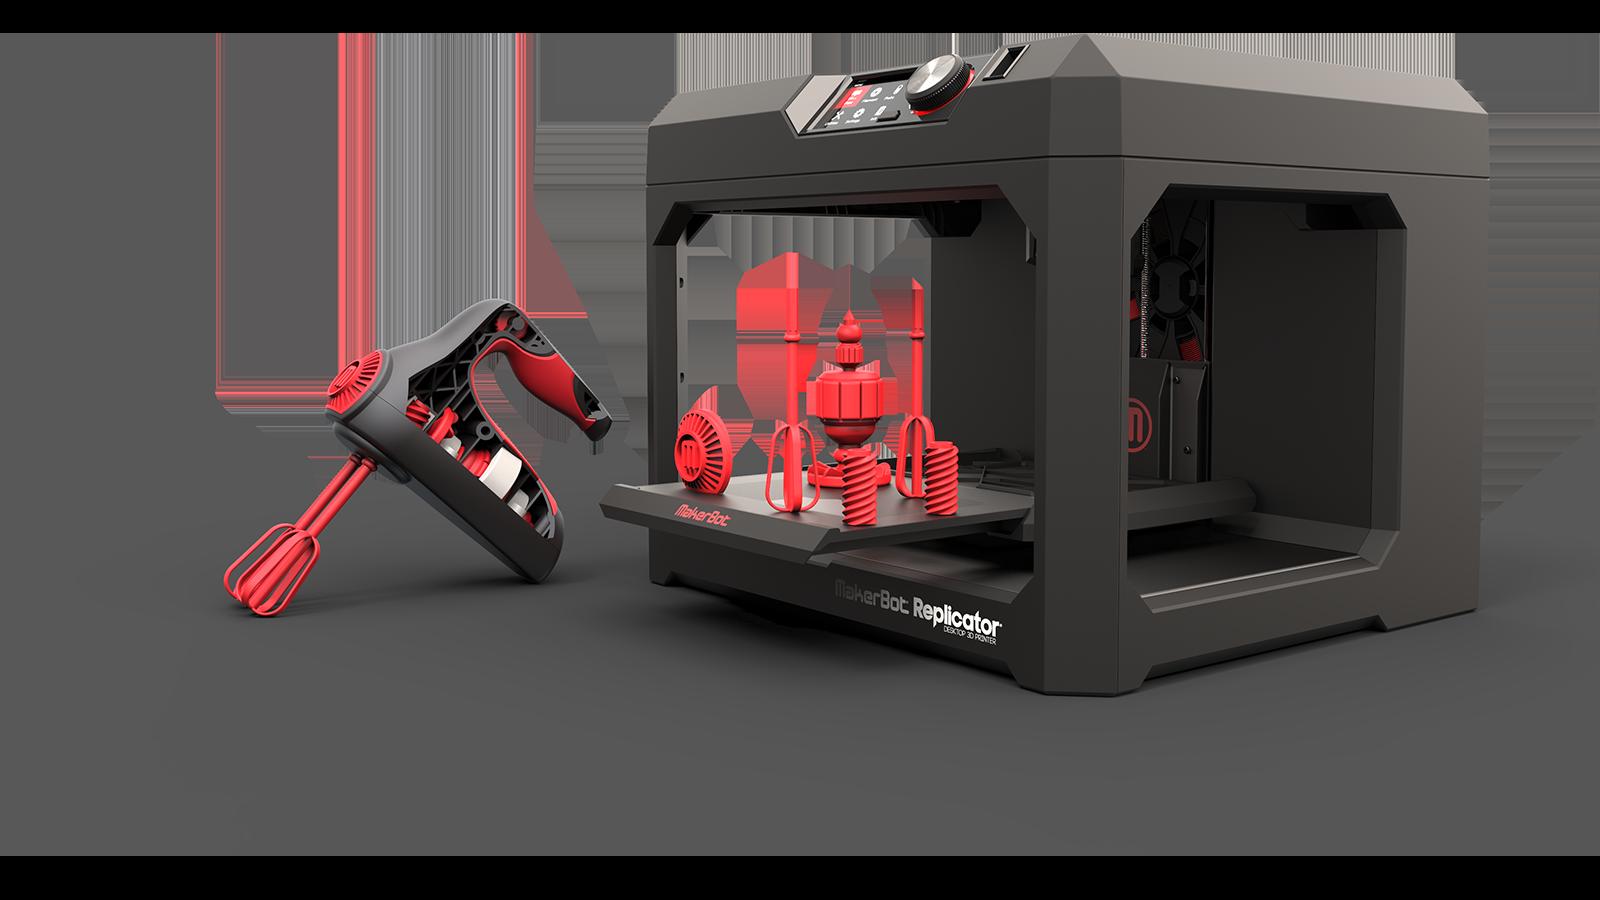 Makerbot Replicator 3d Printer Review